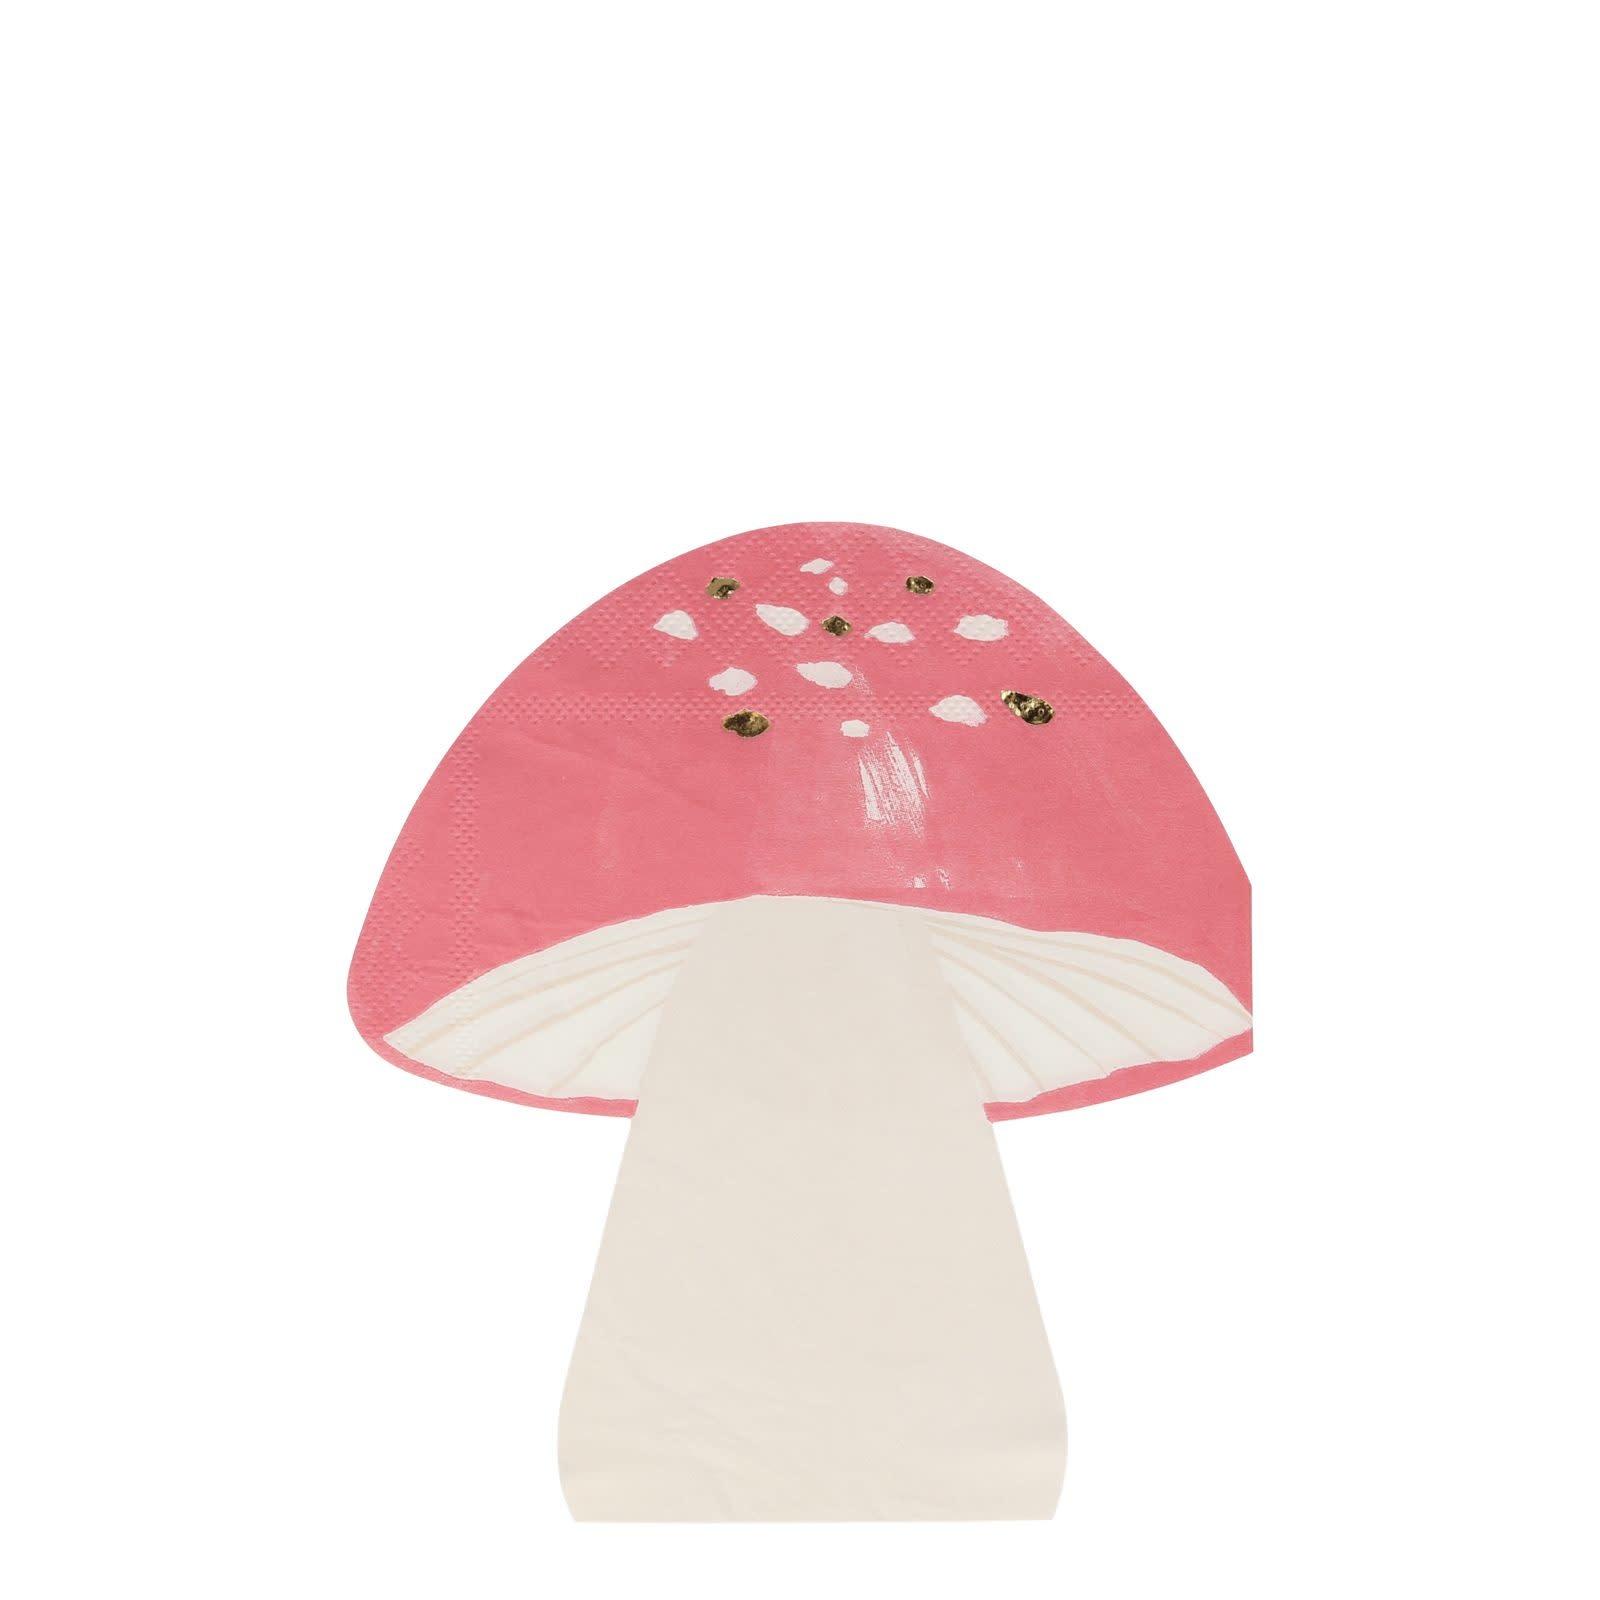 MERIMERI Fairy toadstool napkins